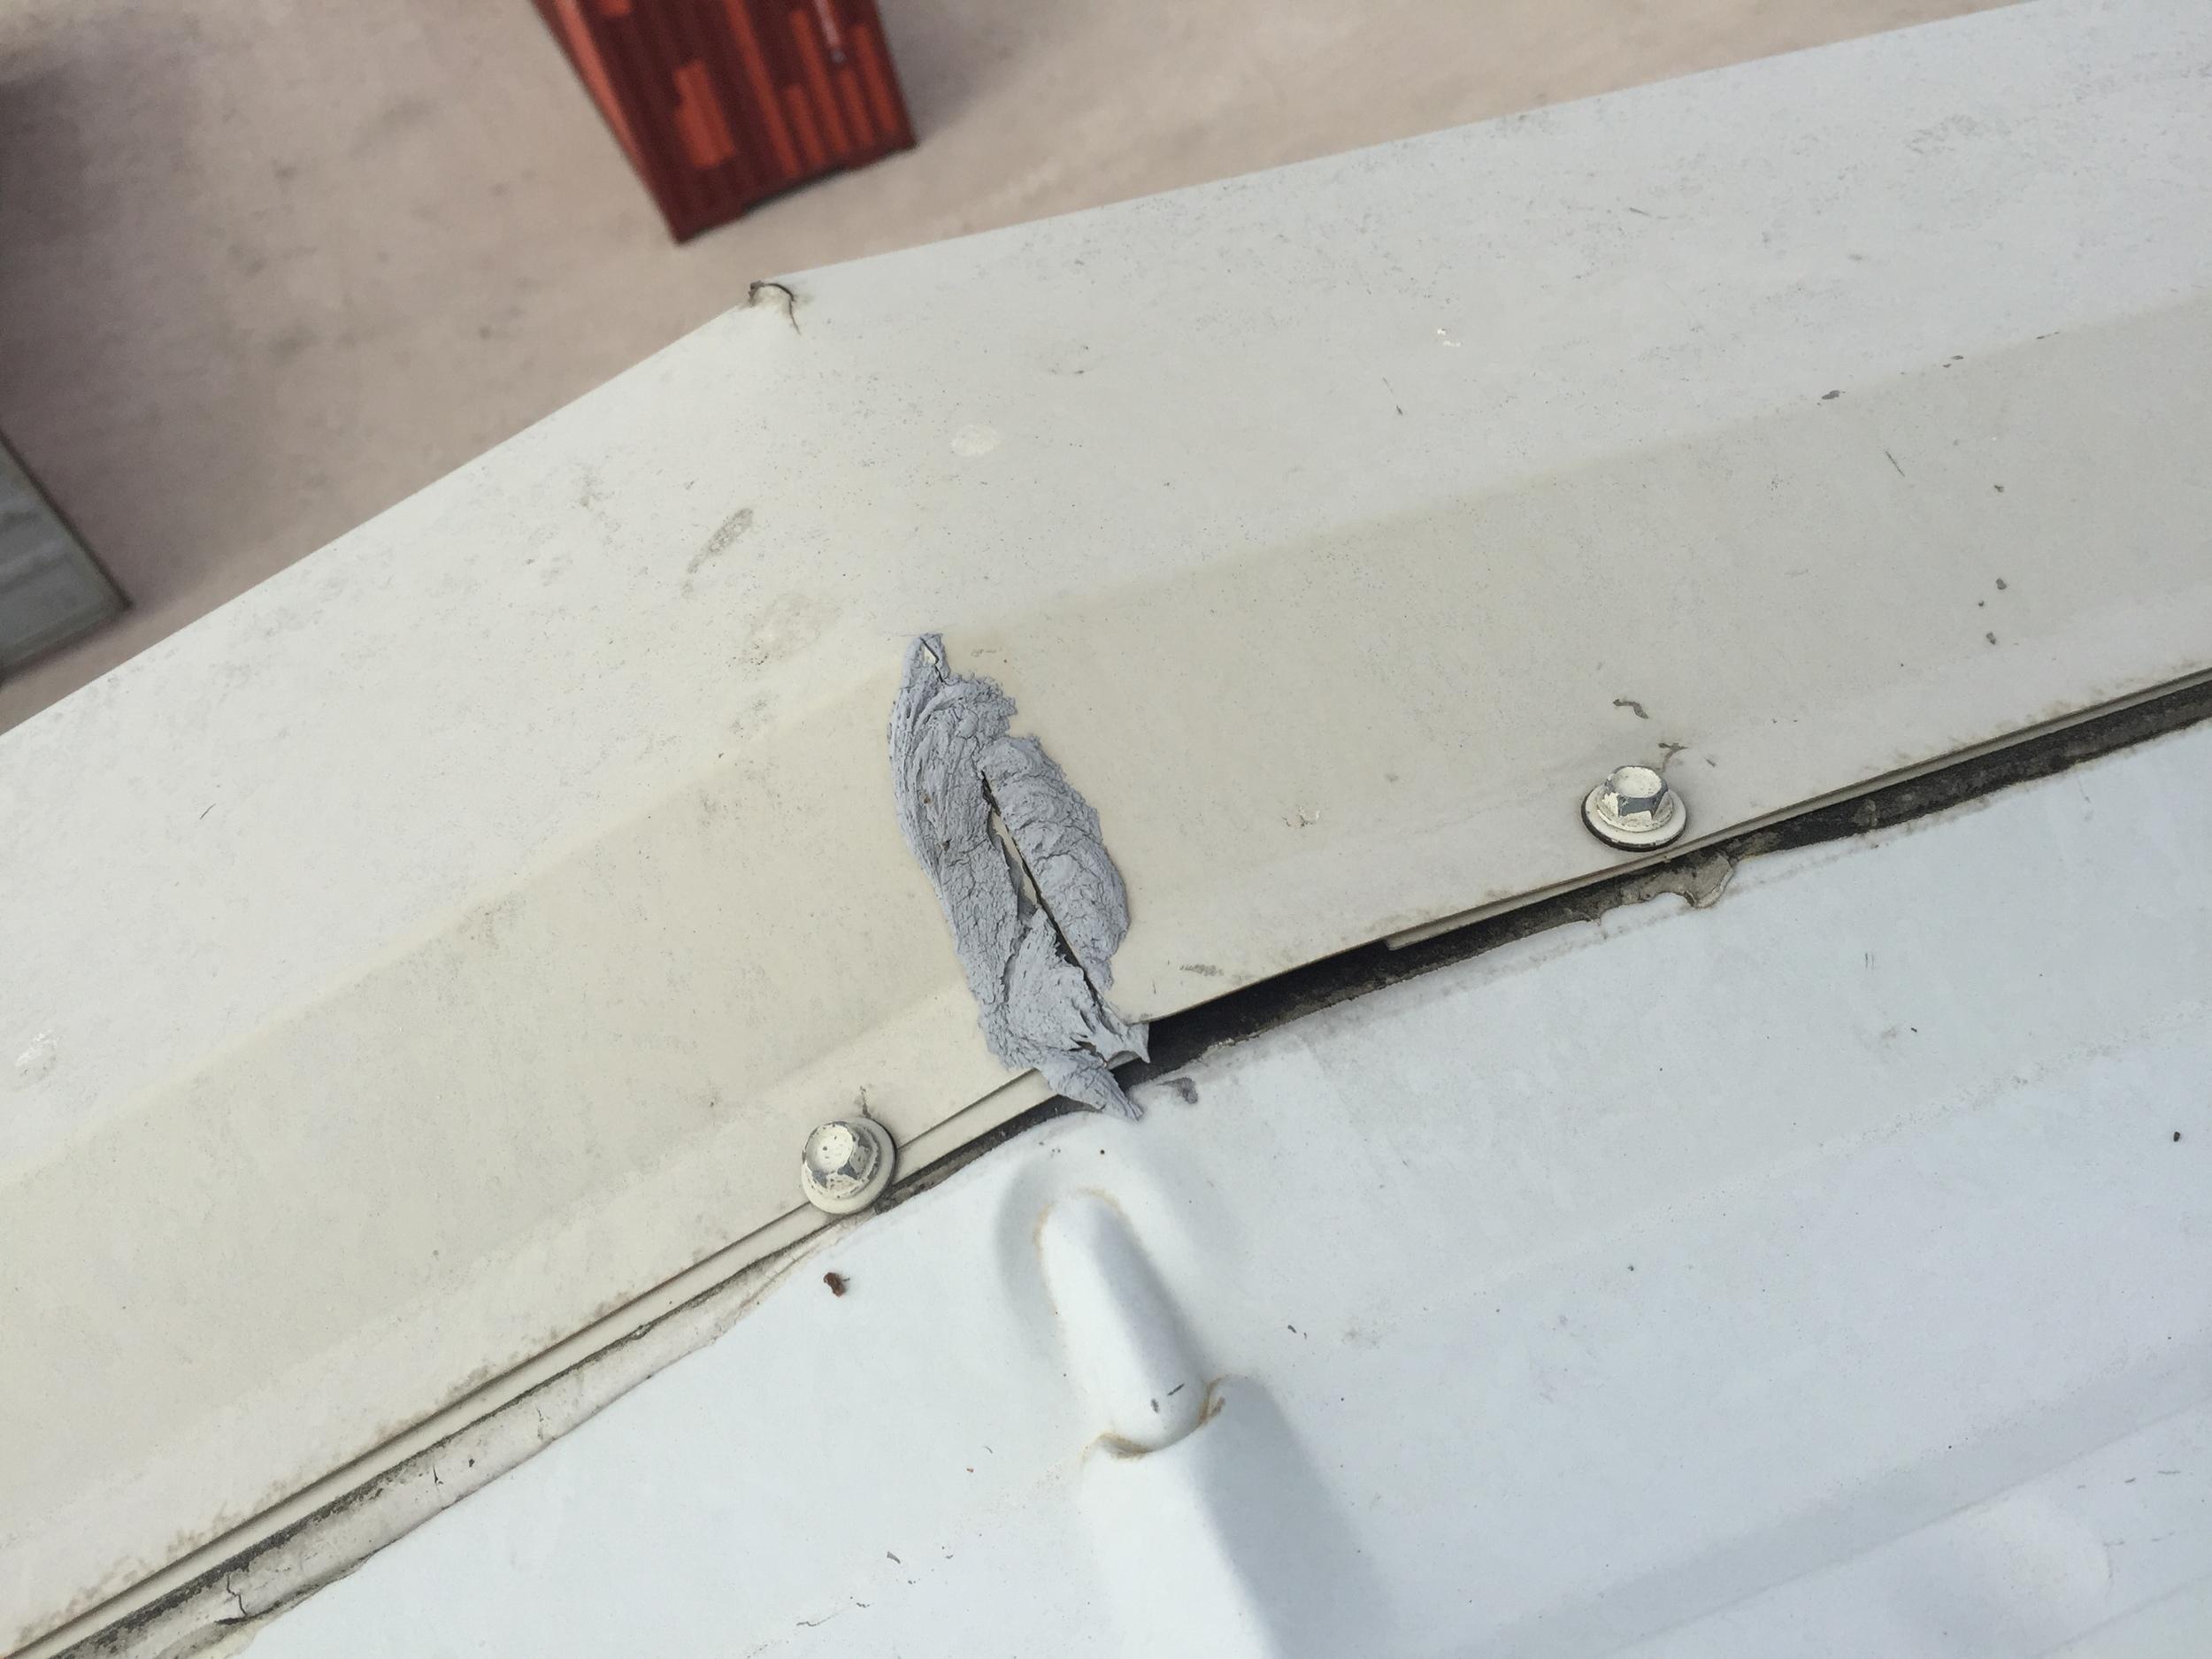 Rake trim need repair